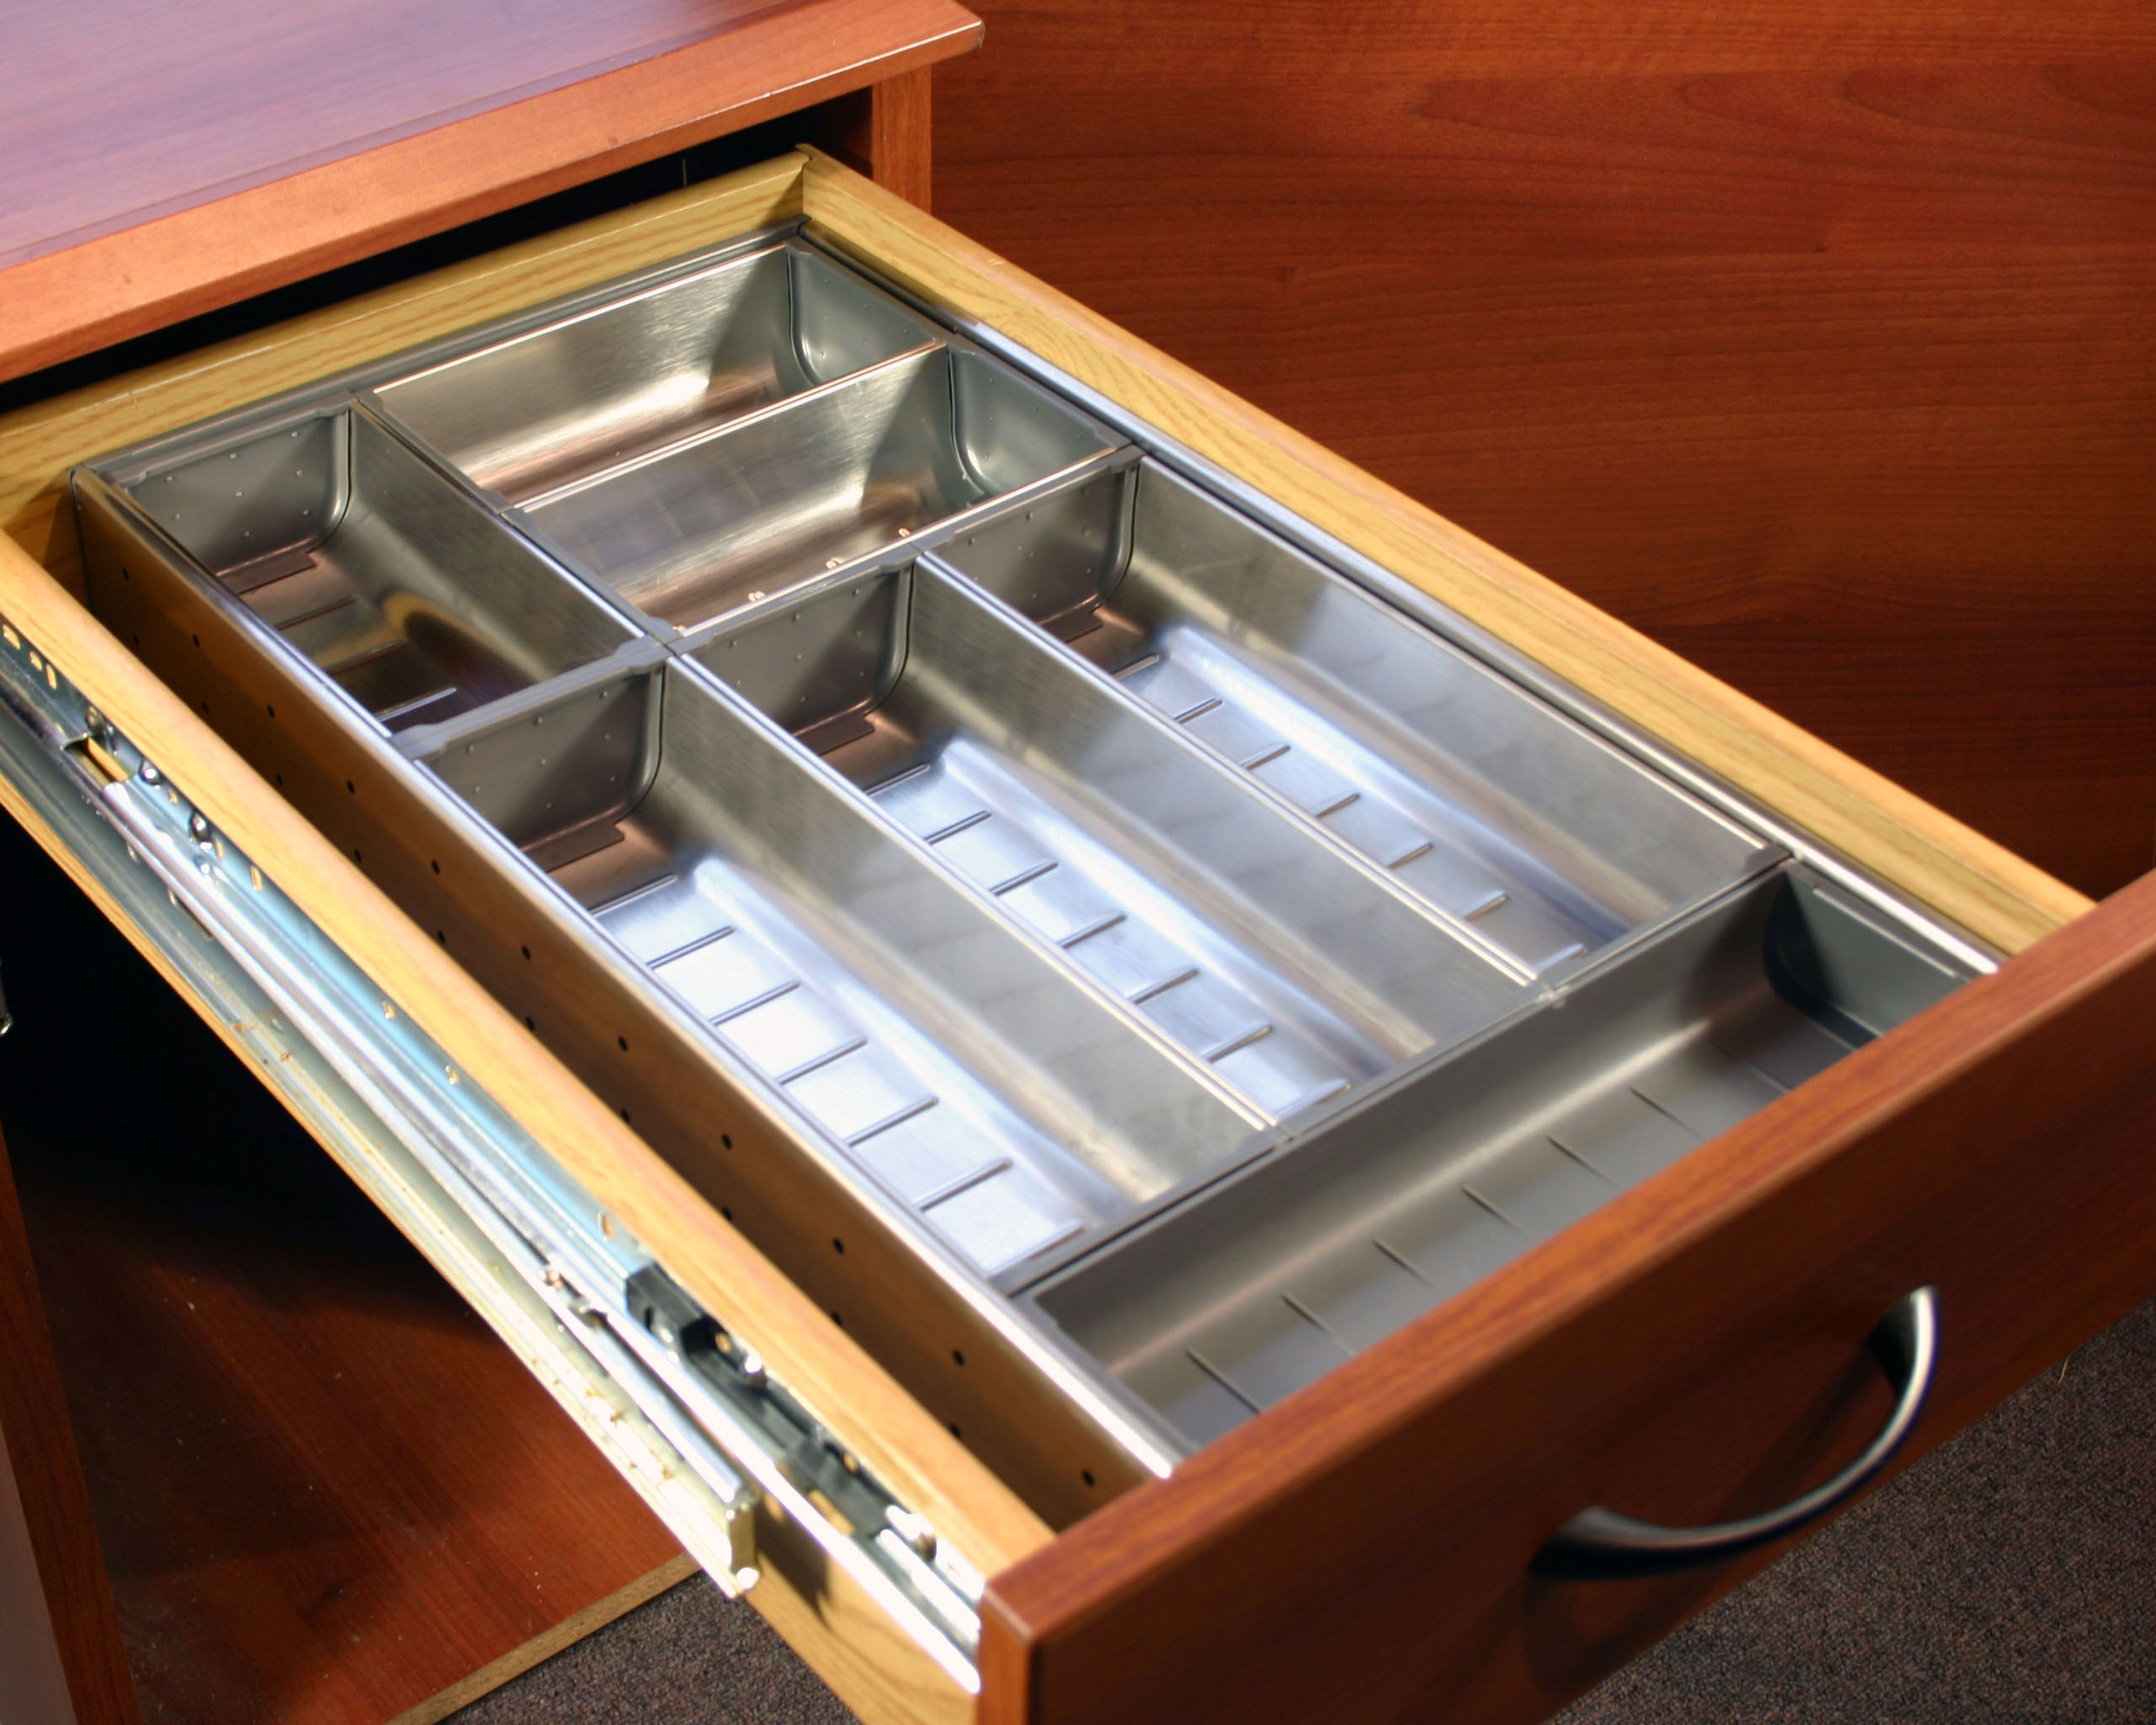 Kitchen Drawer Organizers - Stainless steel kitchen drawer organizers